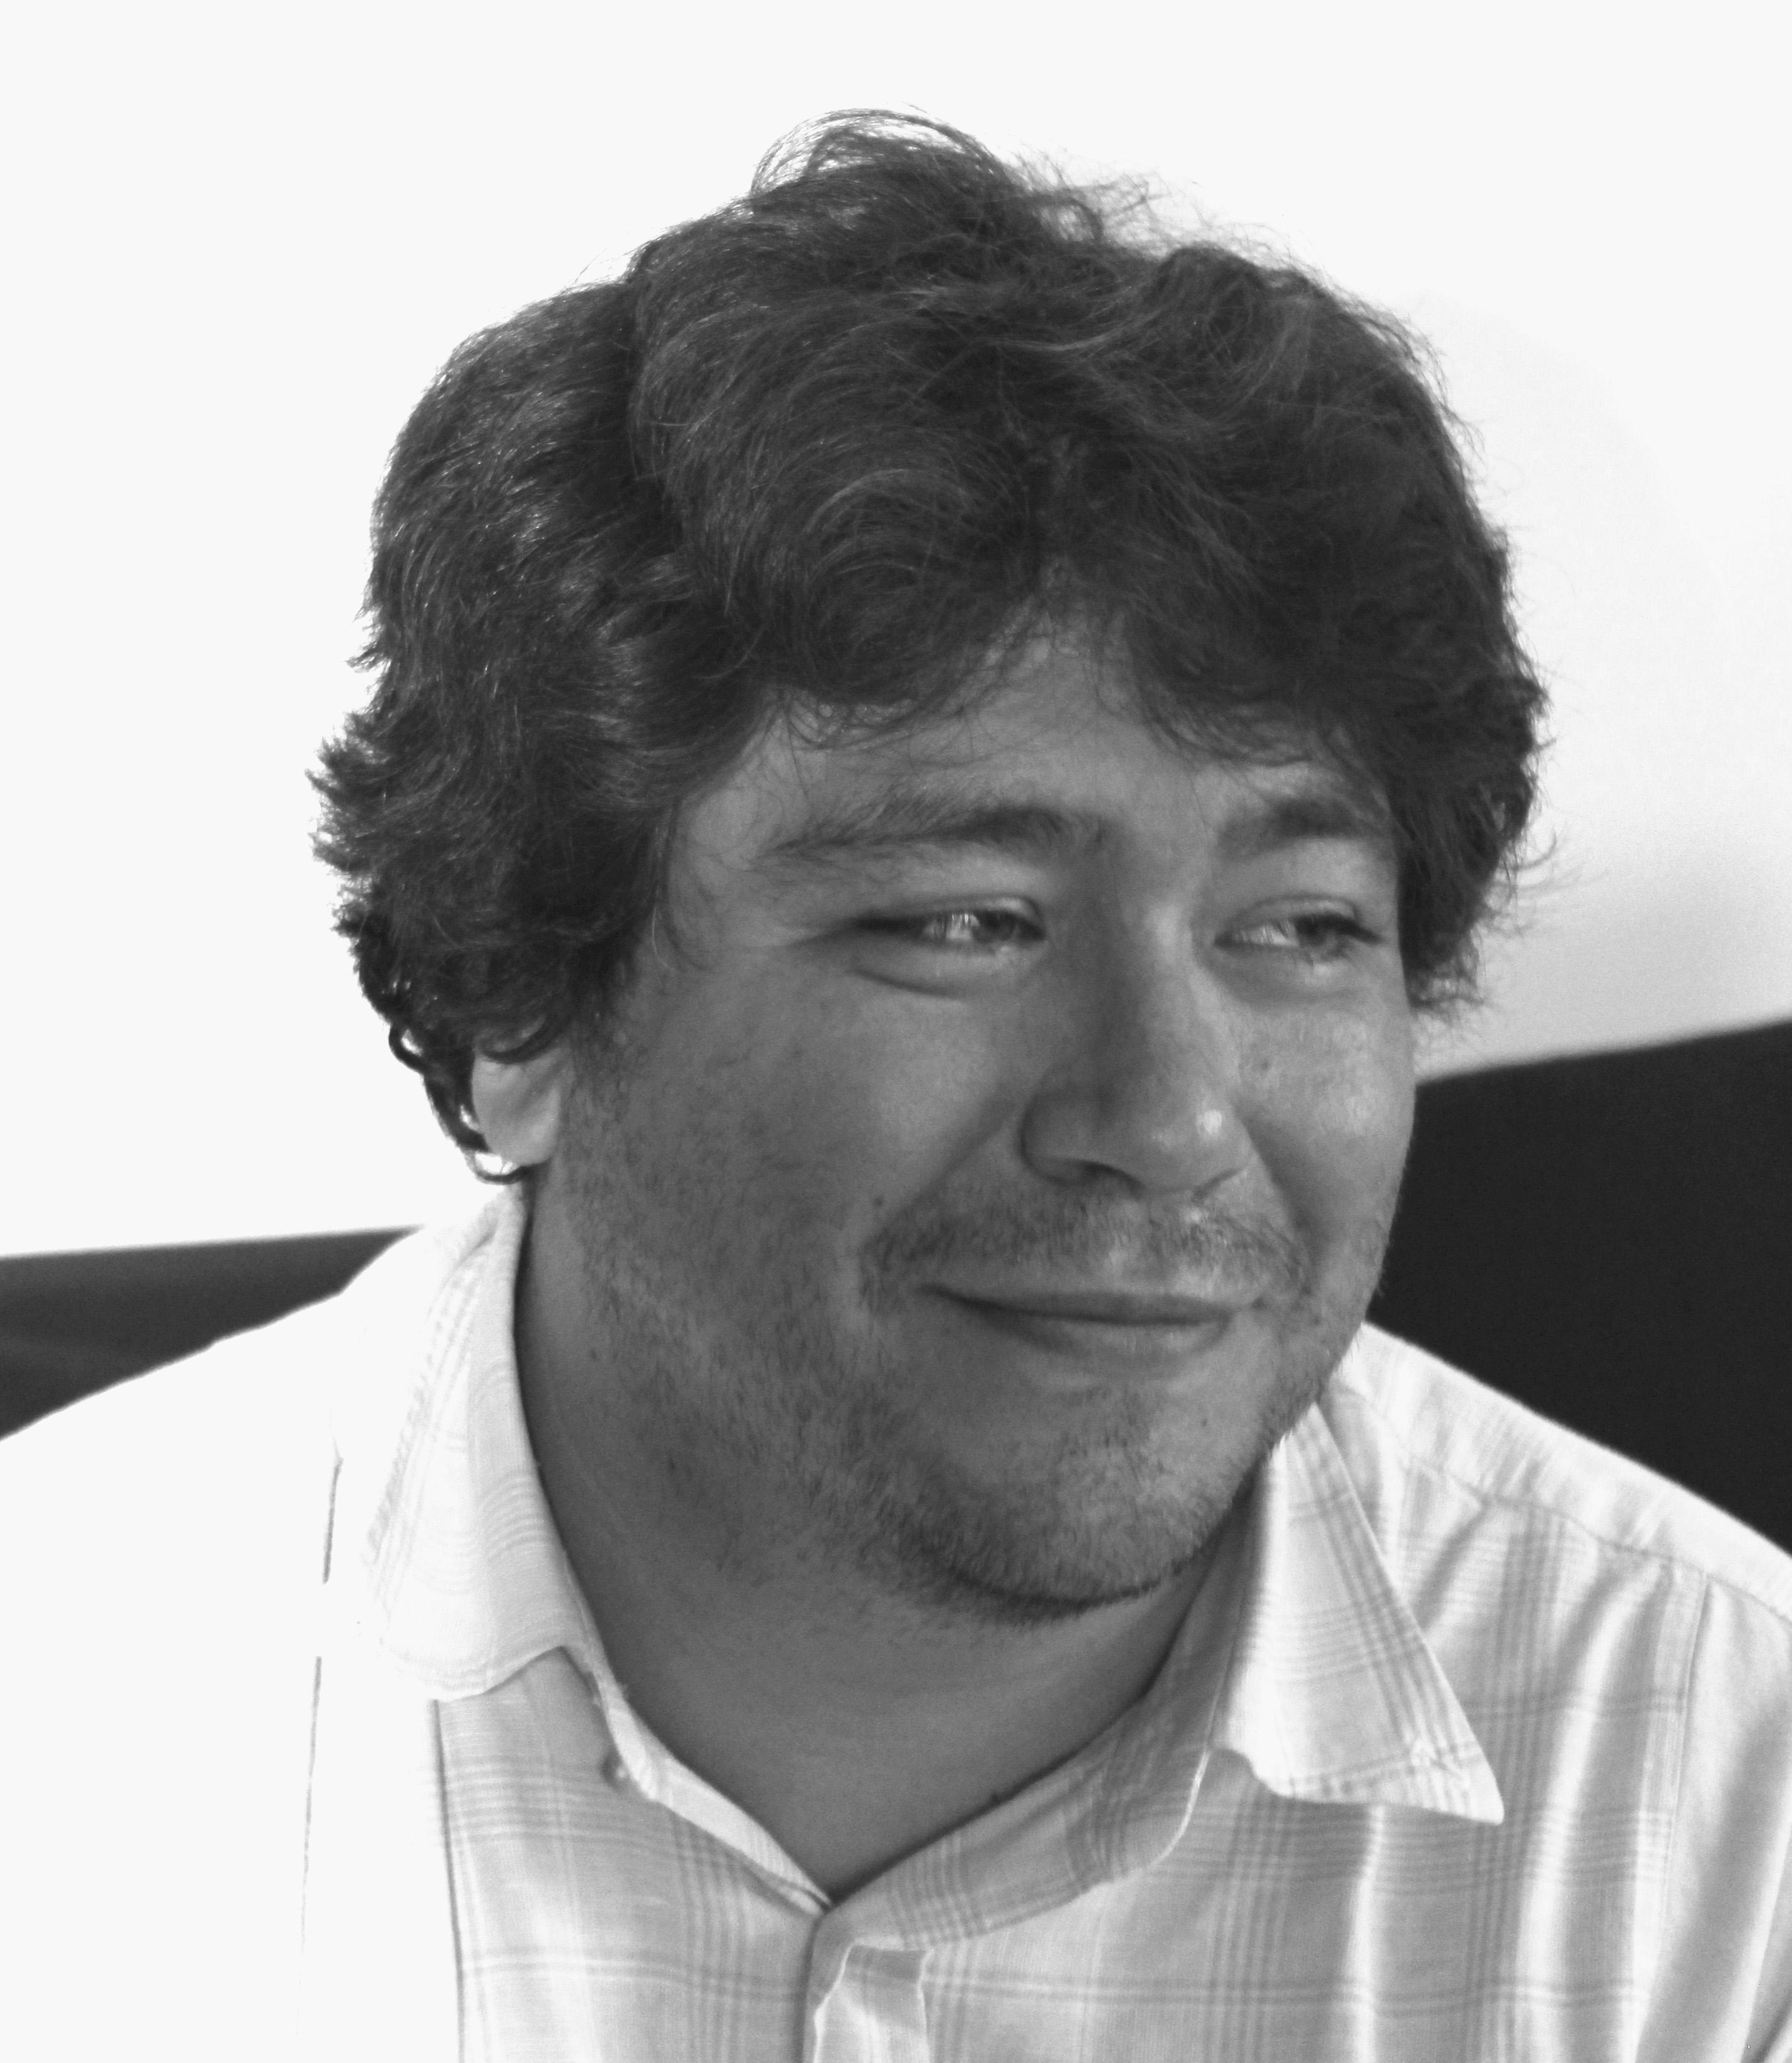 Rodrigo Arramon